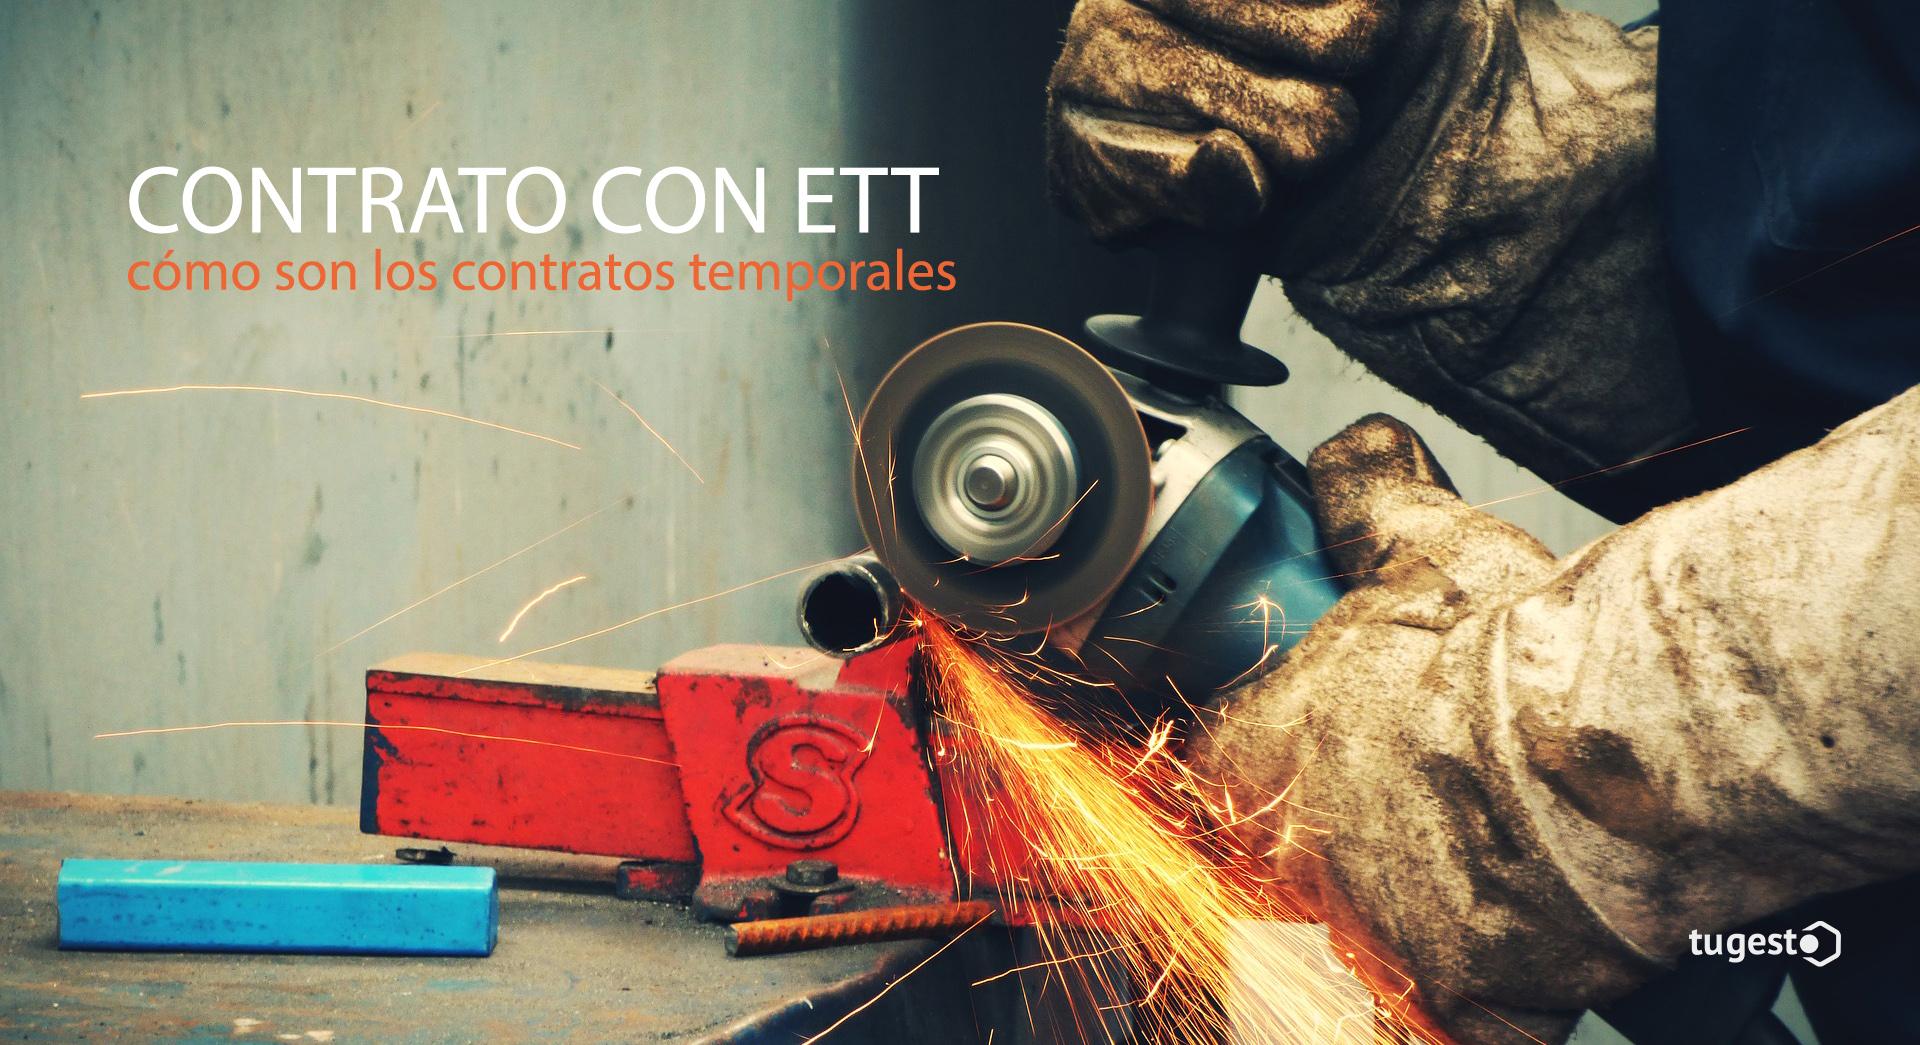 Contrato con ETT, lo que debes saber | Blog de tugesto